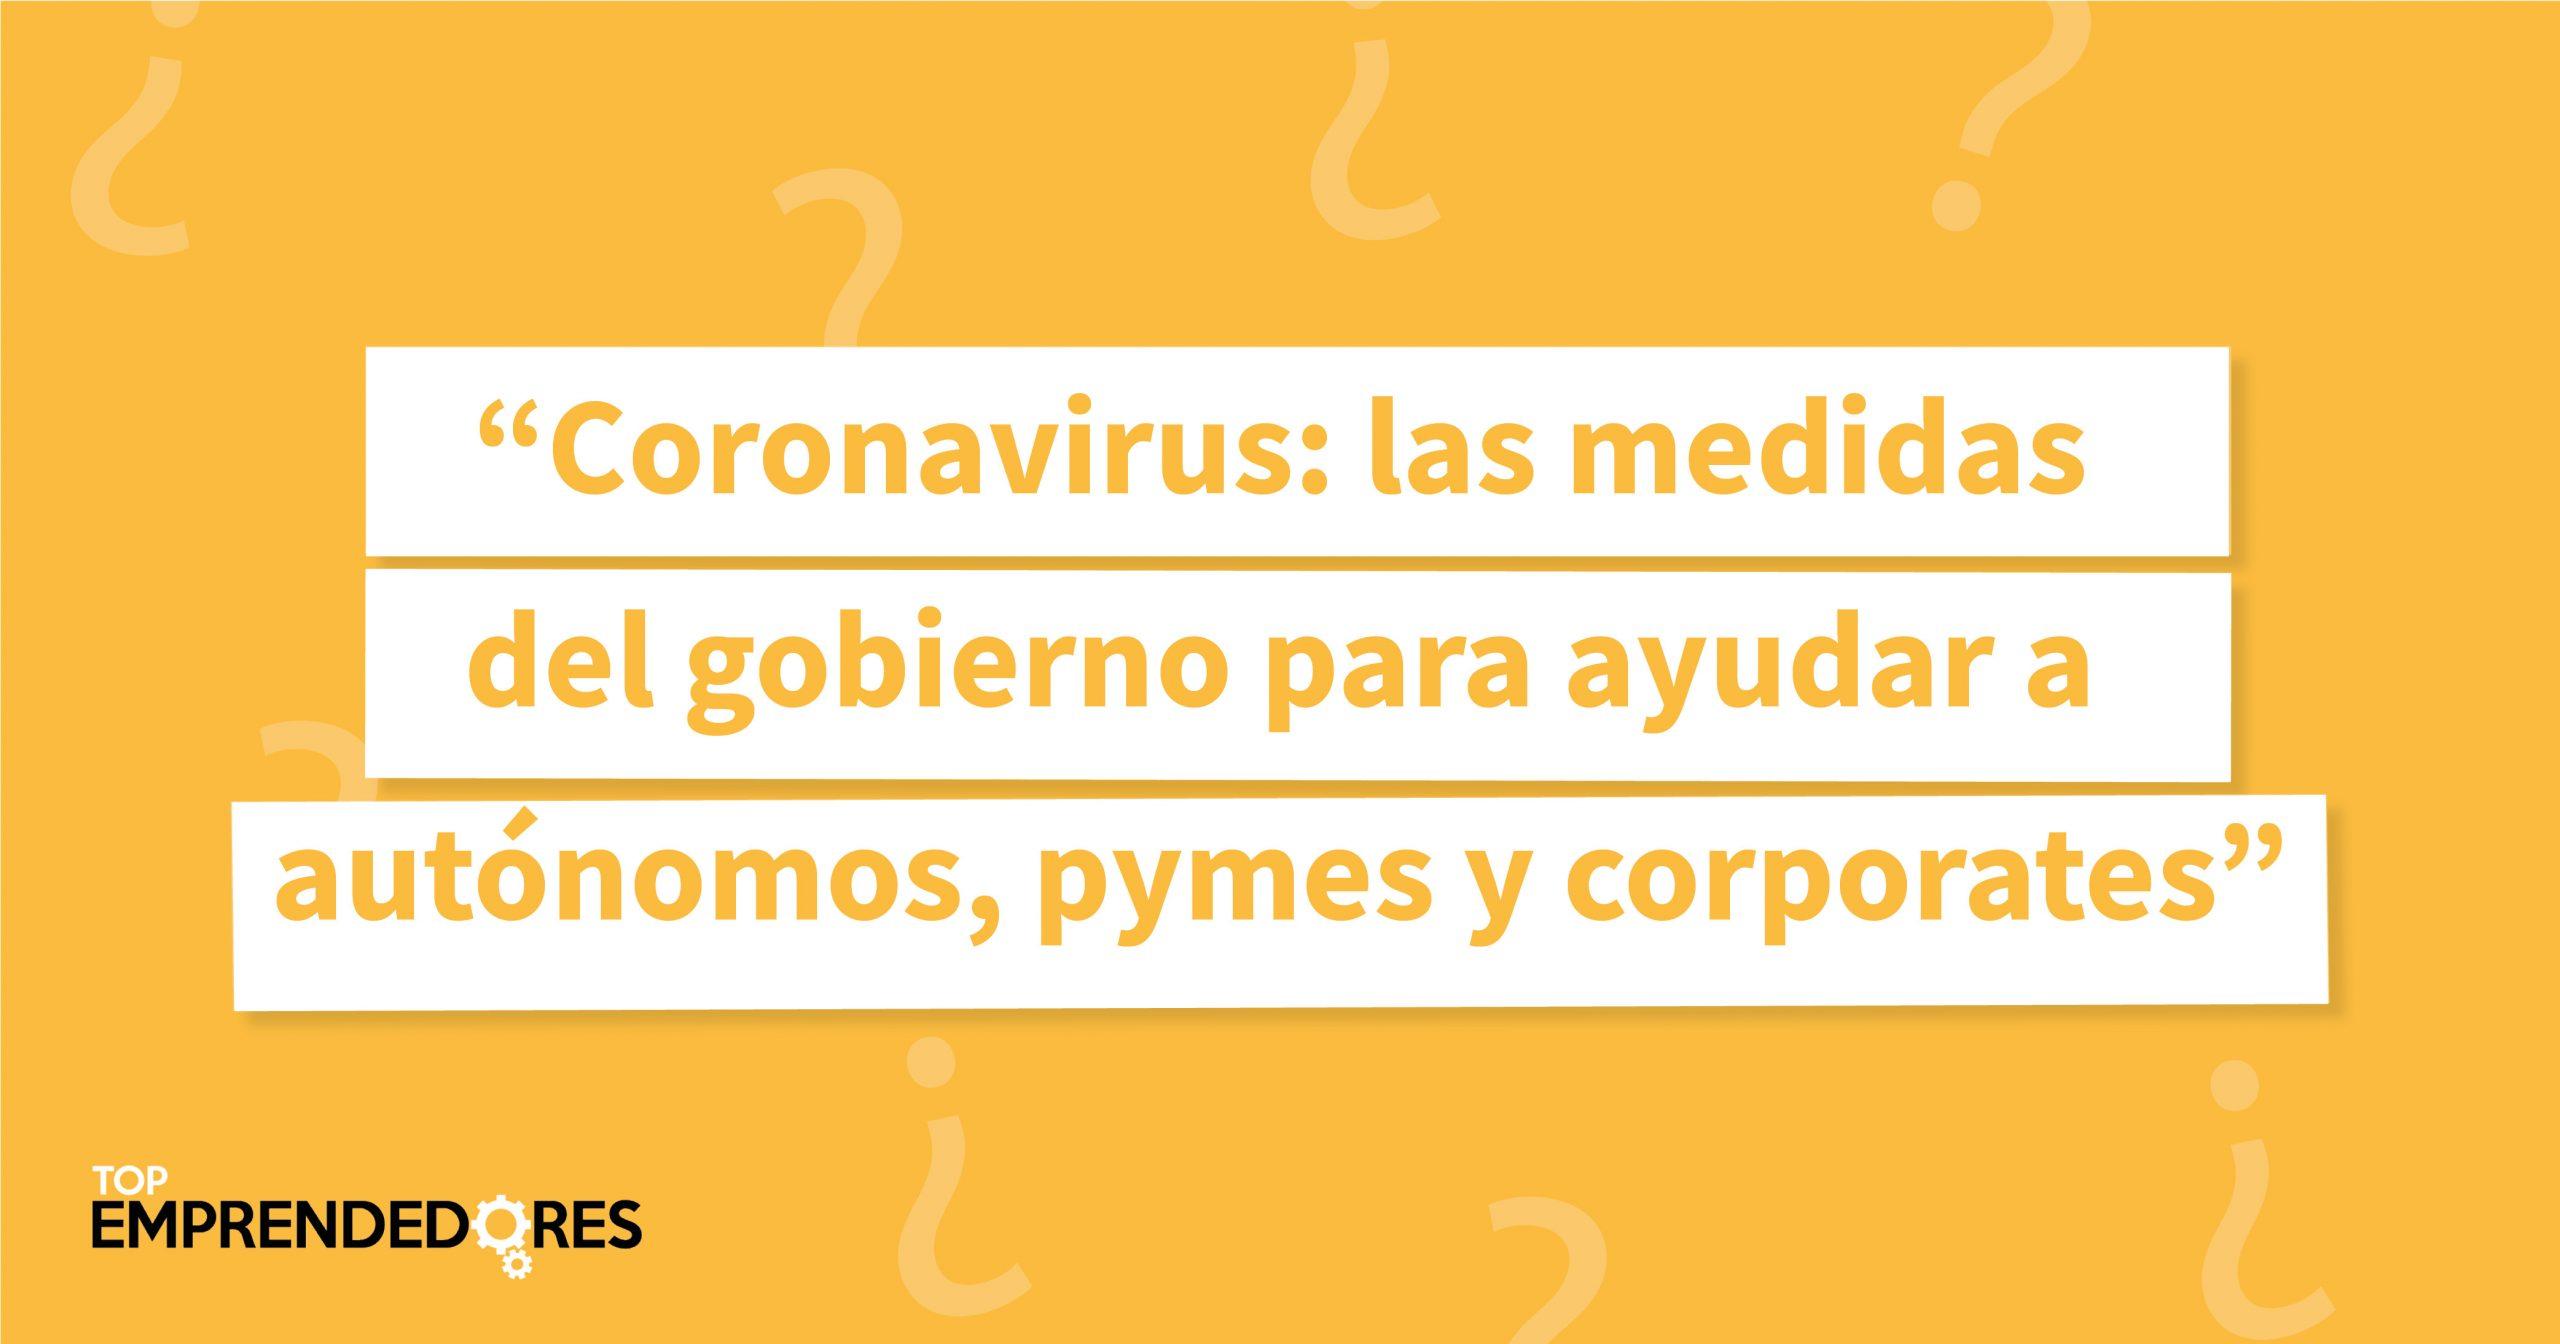 Coronavirus: las medidas del gobierno para ayudar a autónomos, pymes y corporates